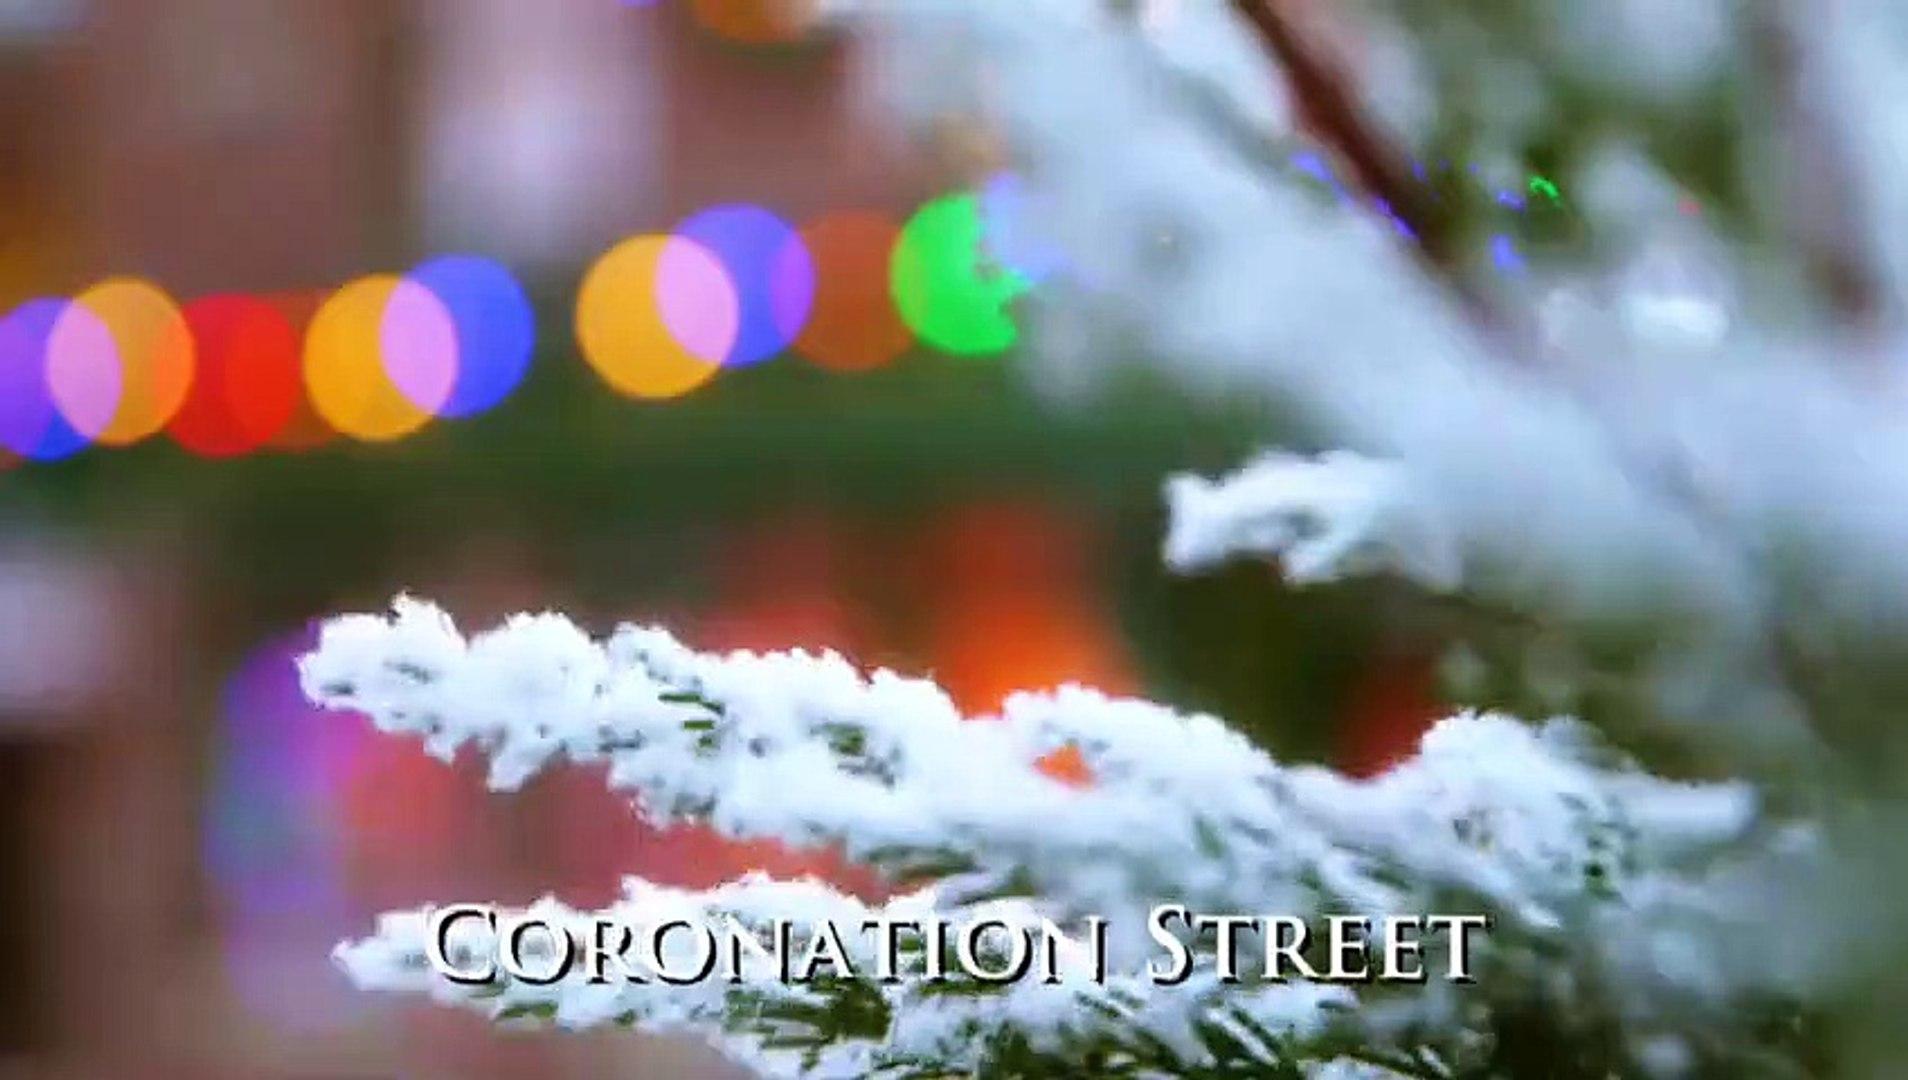 Coronation Street 22nd December 2017 Part 2